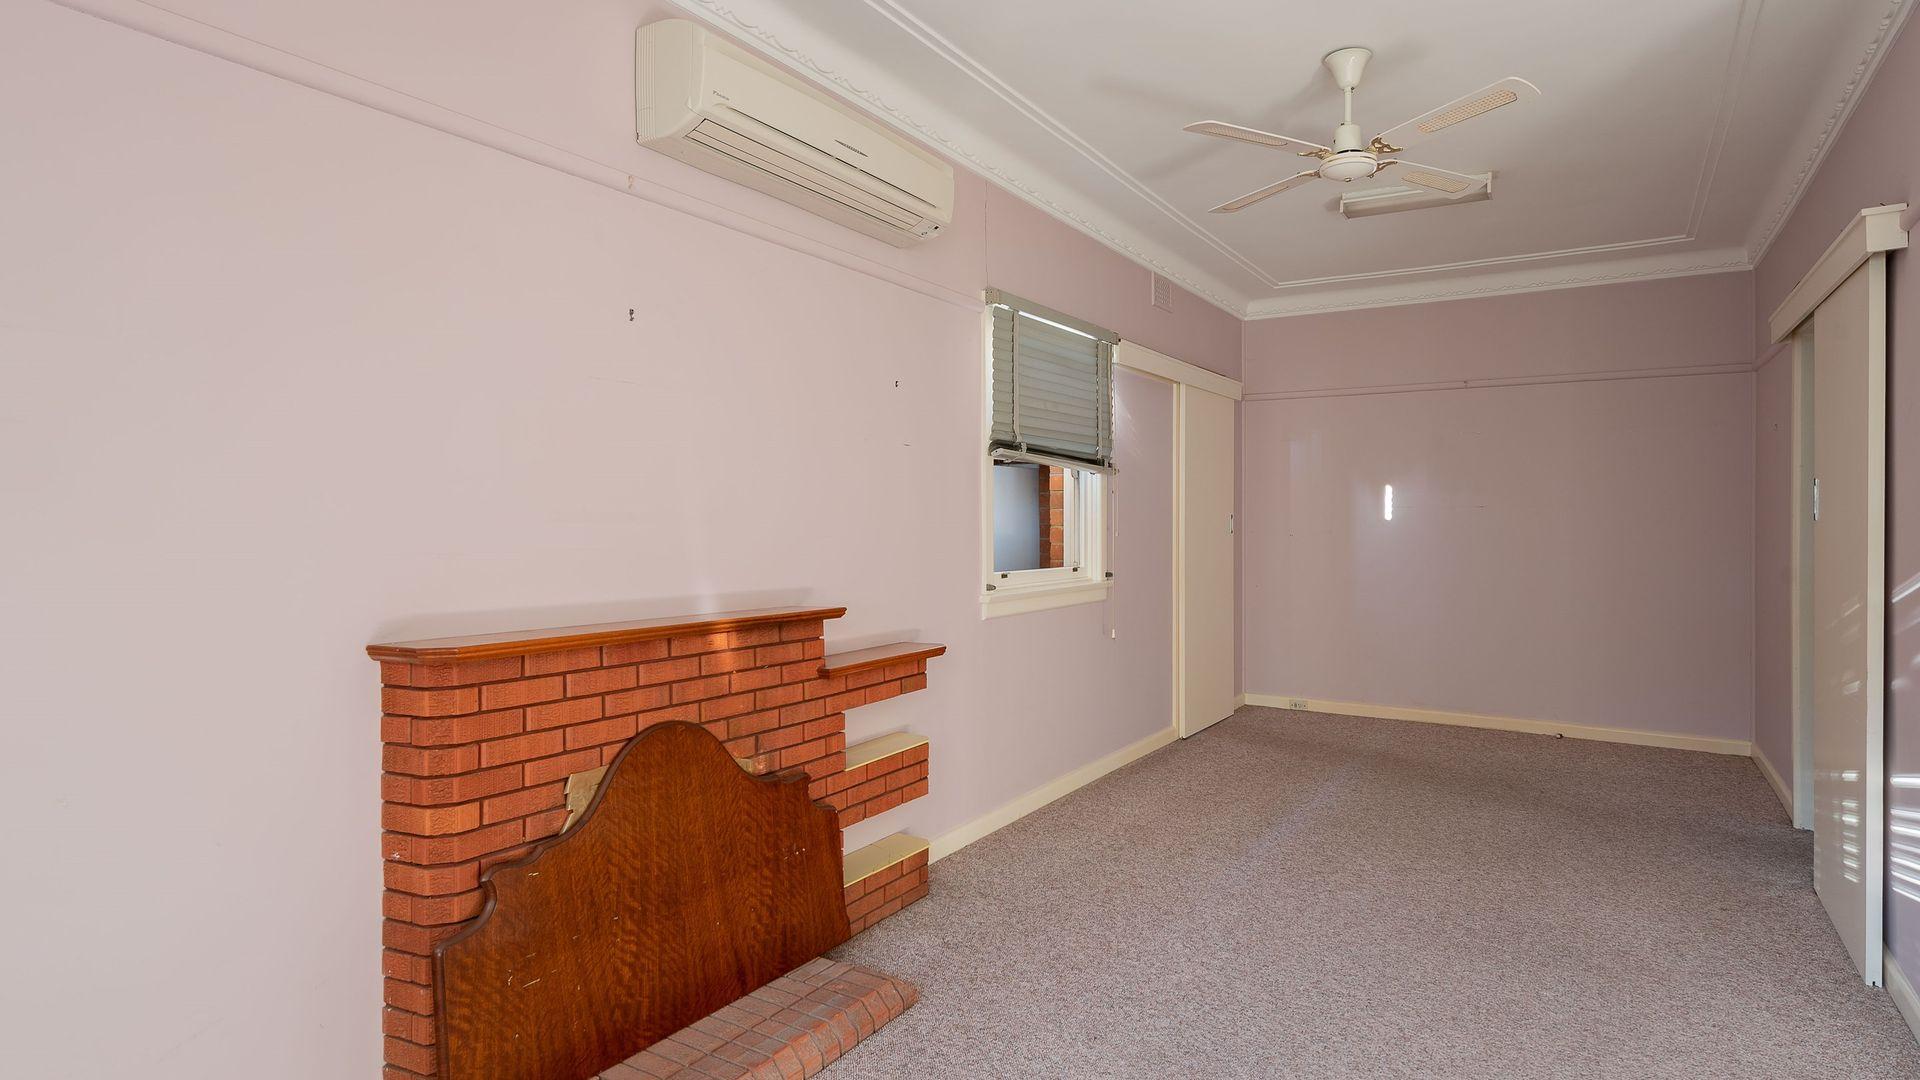 12 TELOPEA STREET, Mount Colah NSW 2079, Image 1